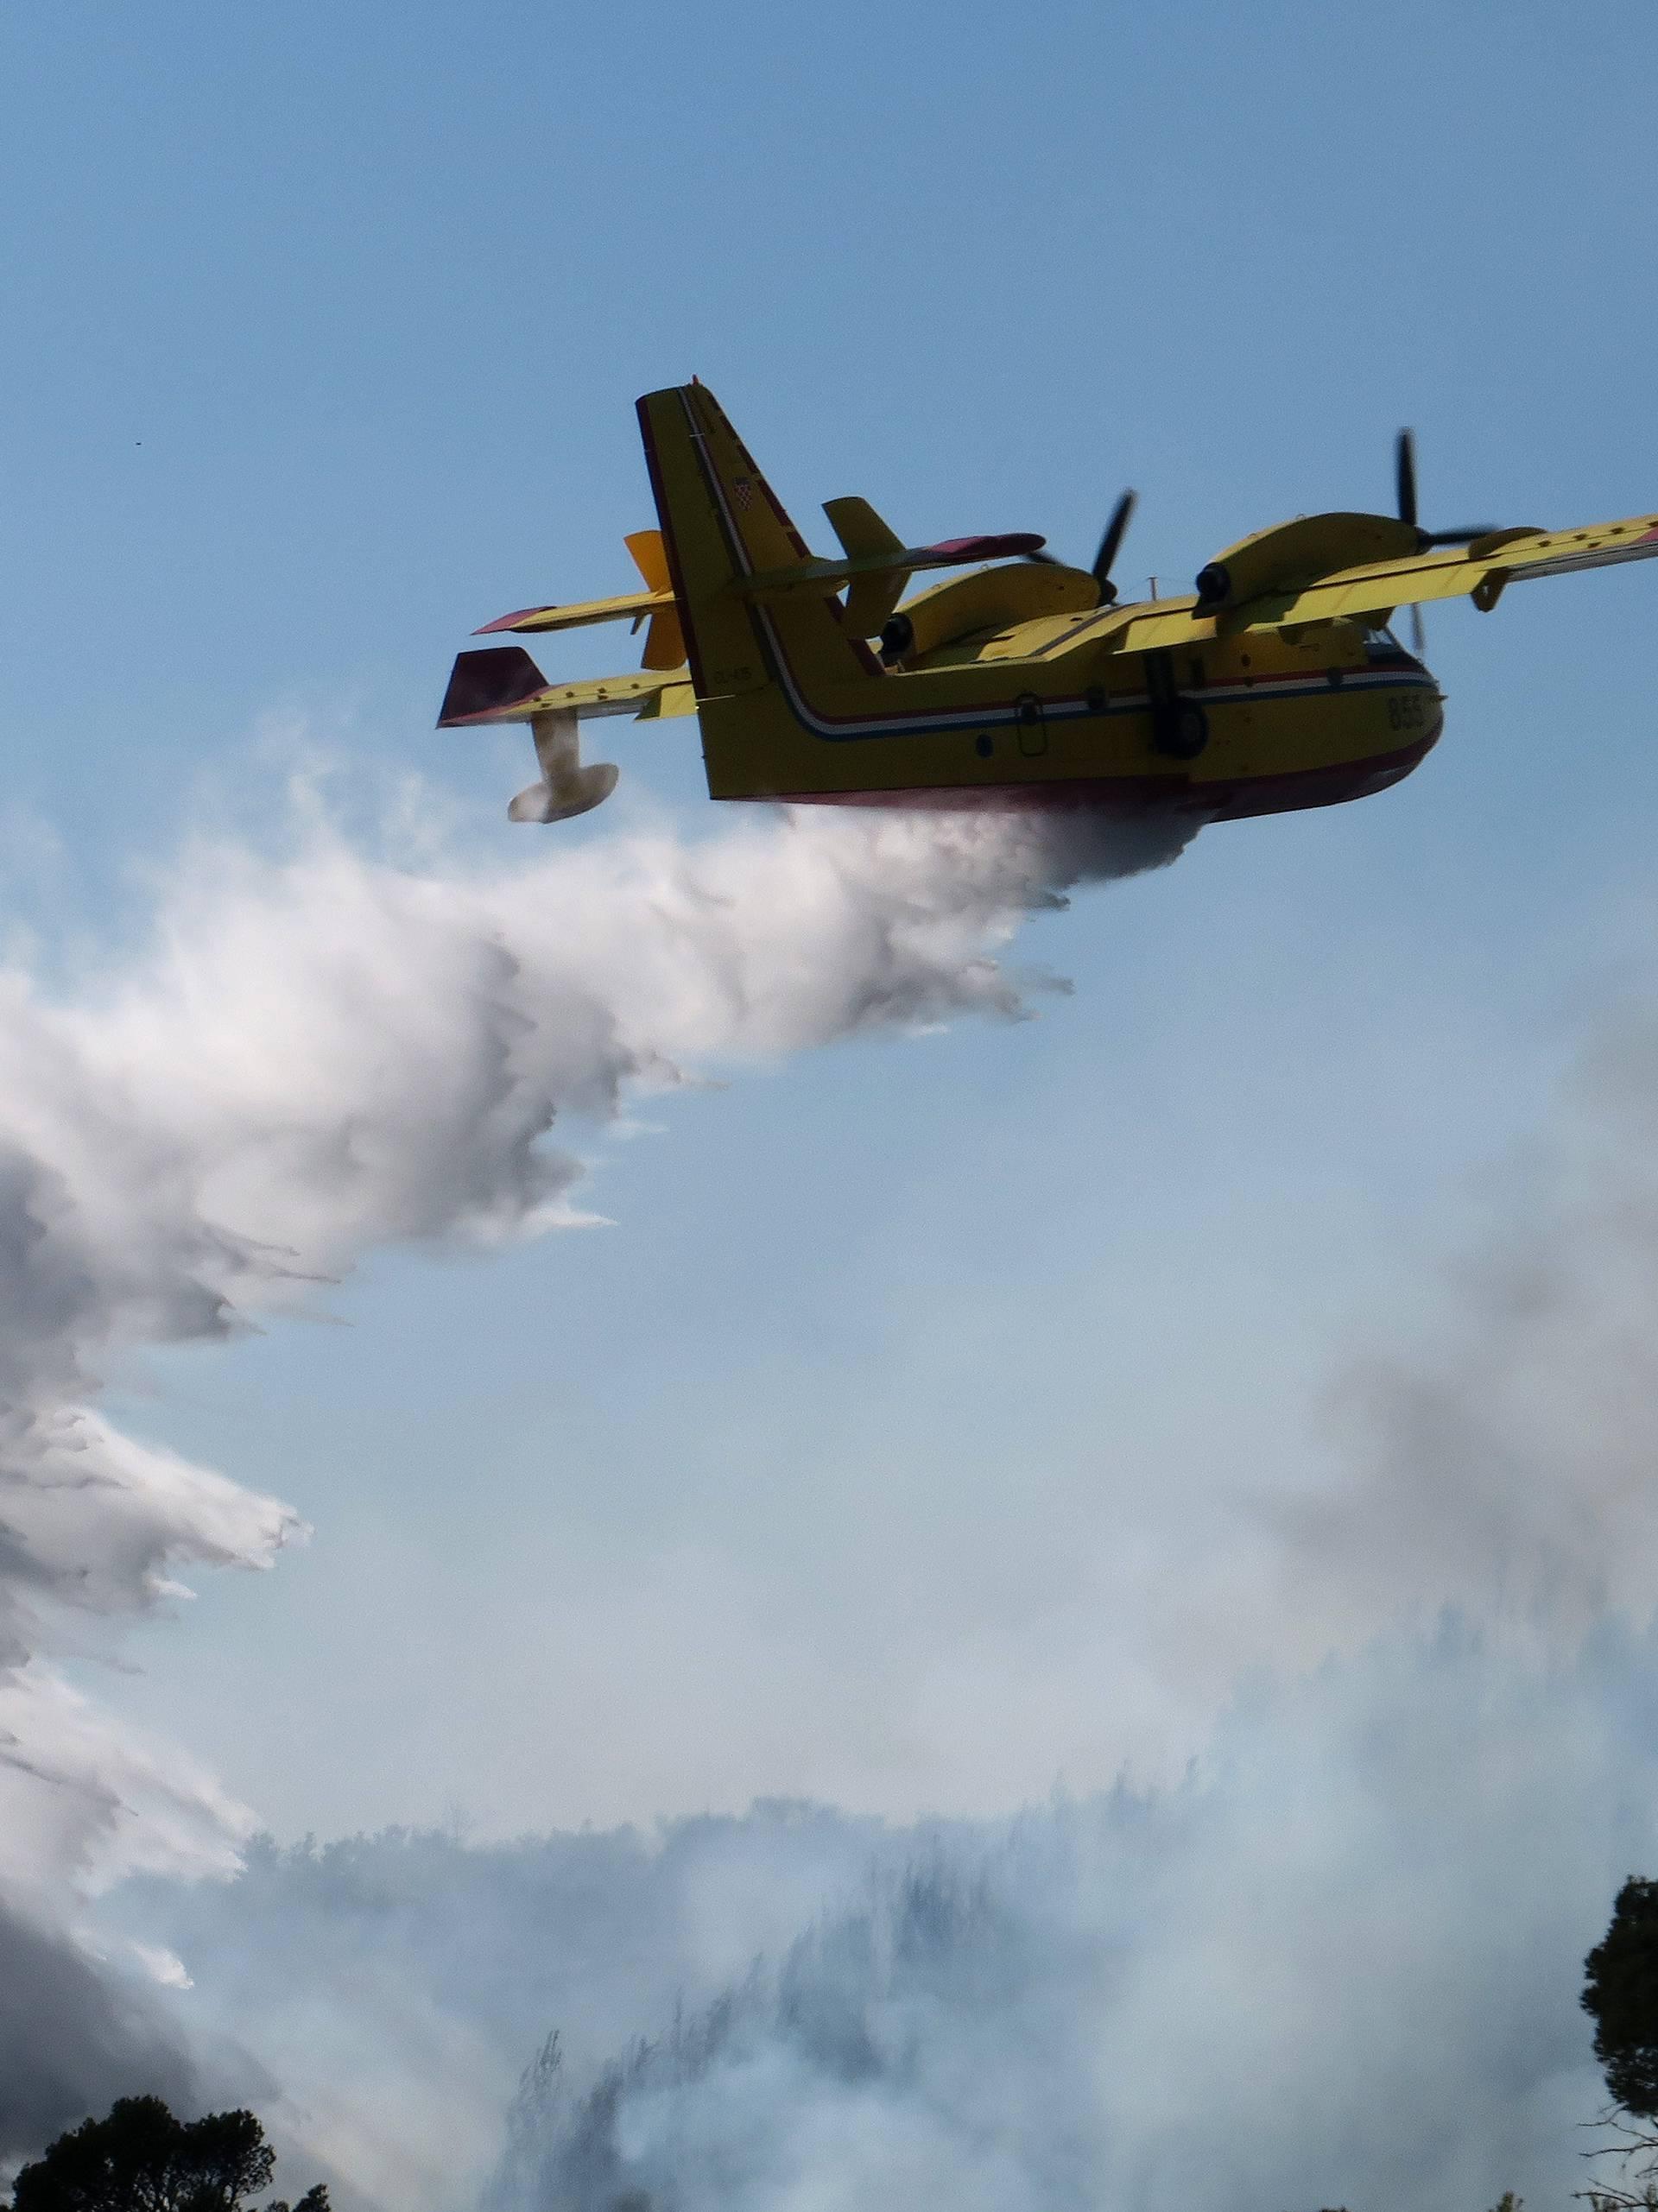 Tri protupožarna aviona gase buktinju kod Vranskog jezera